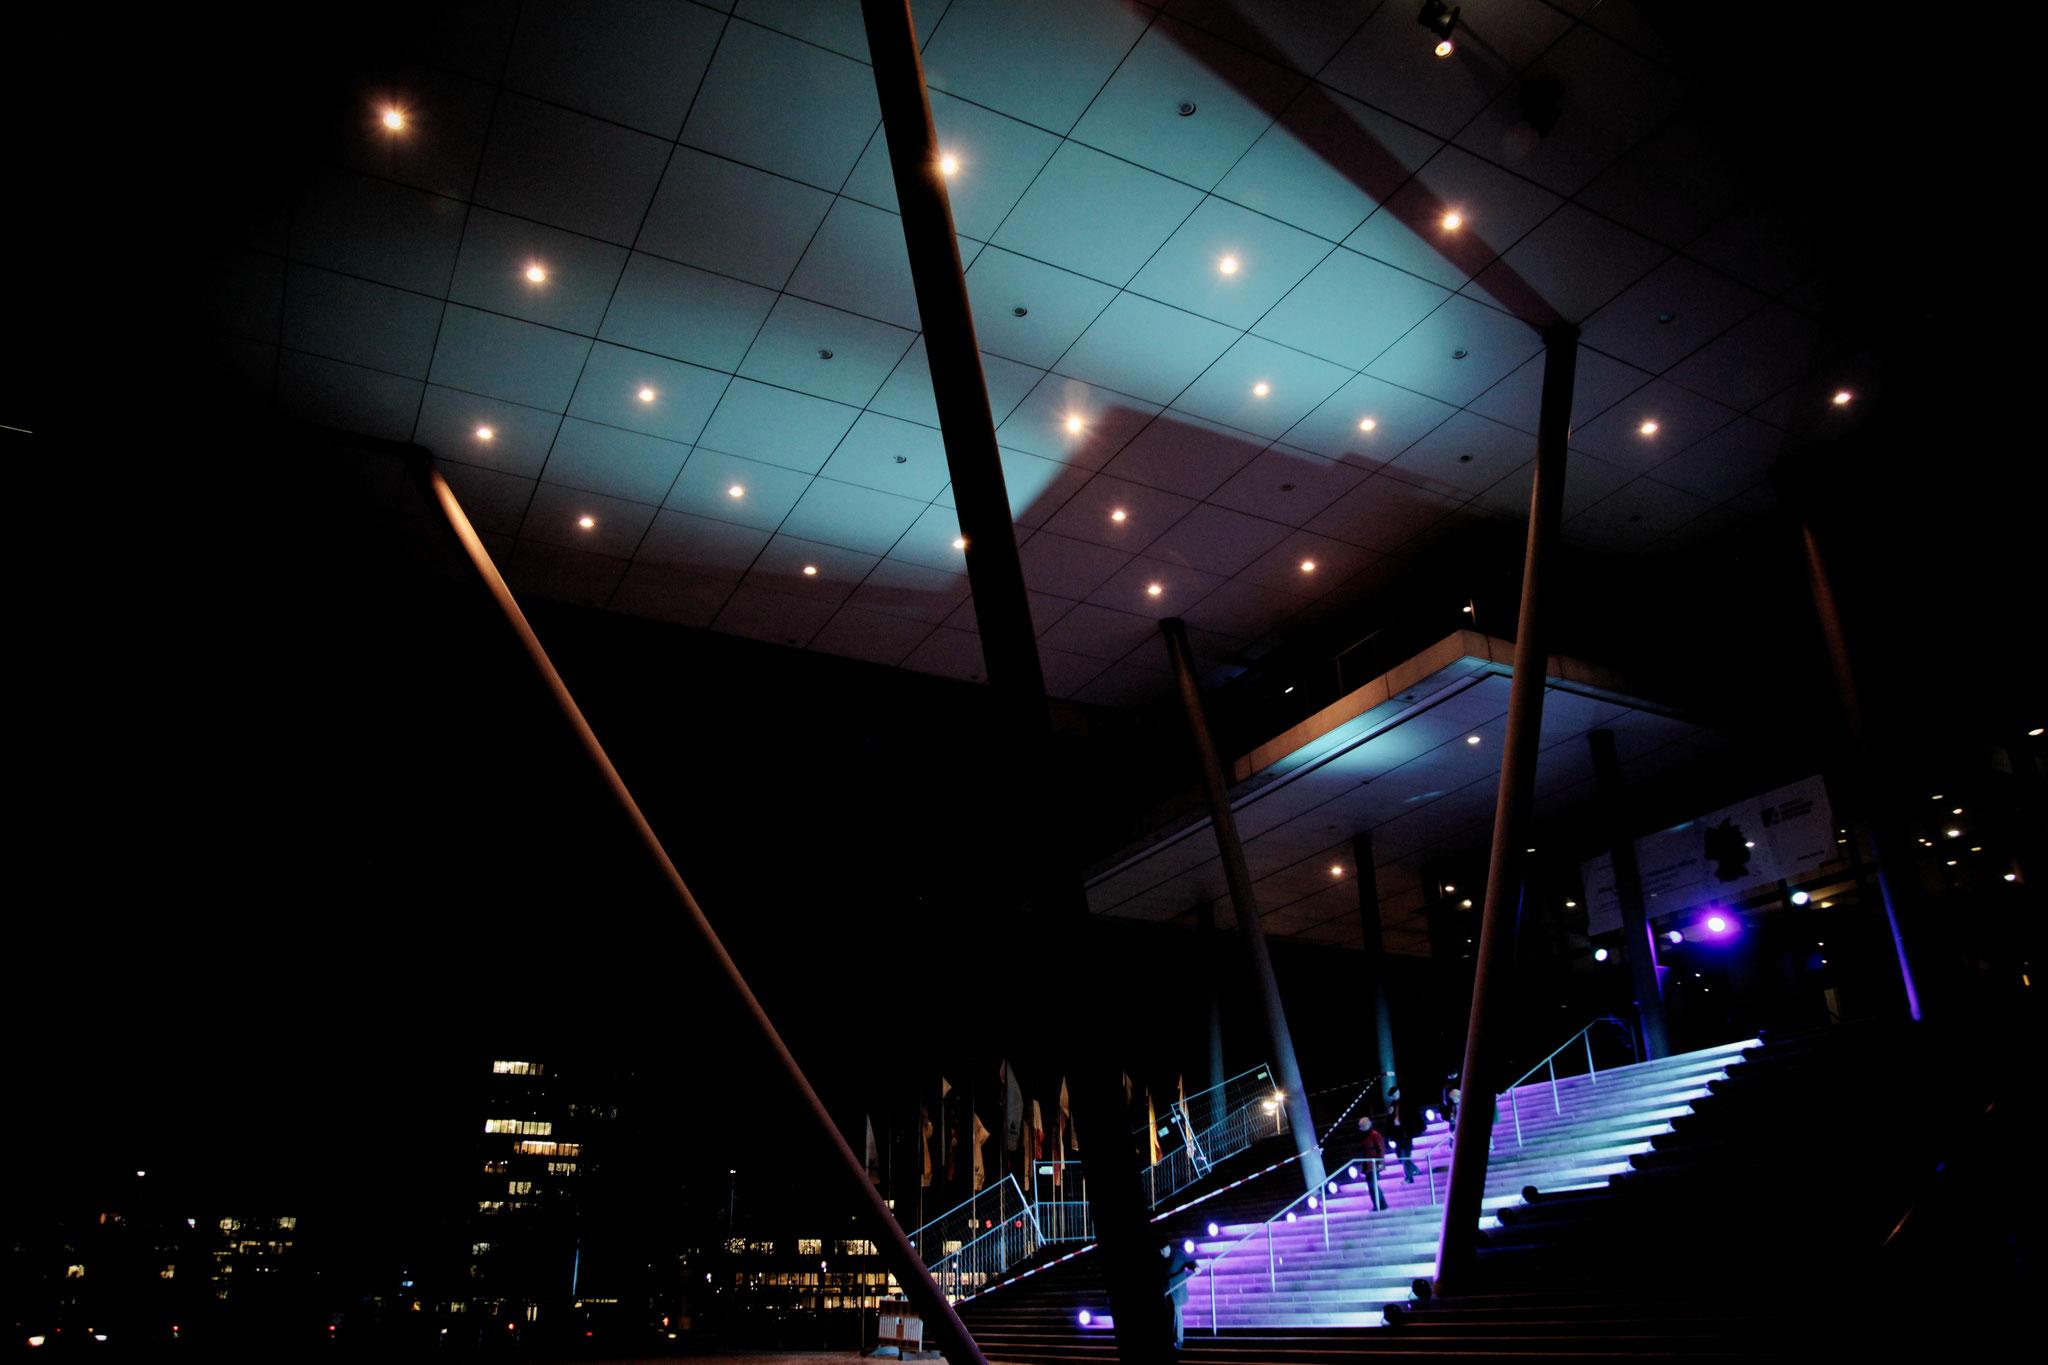 Außengestaltung des Veranstaltungsortes